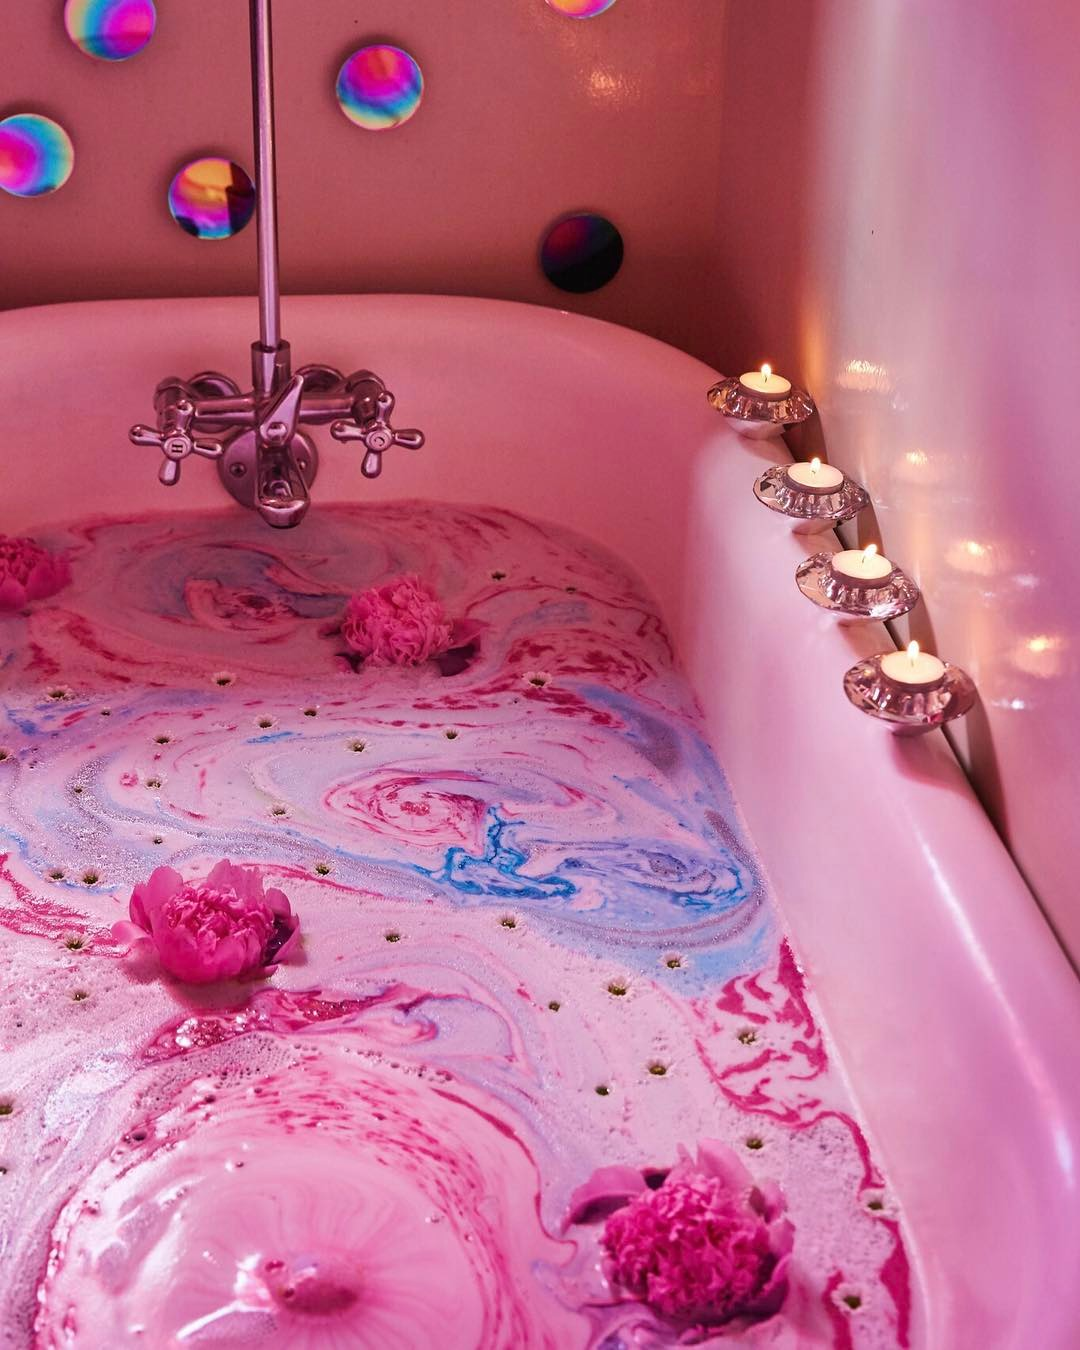 bath-bomb-la-gi-2